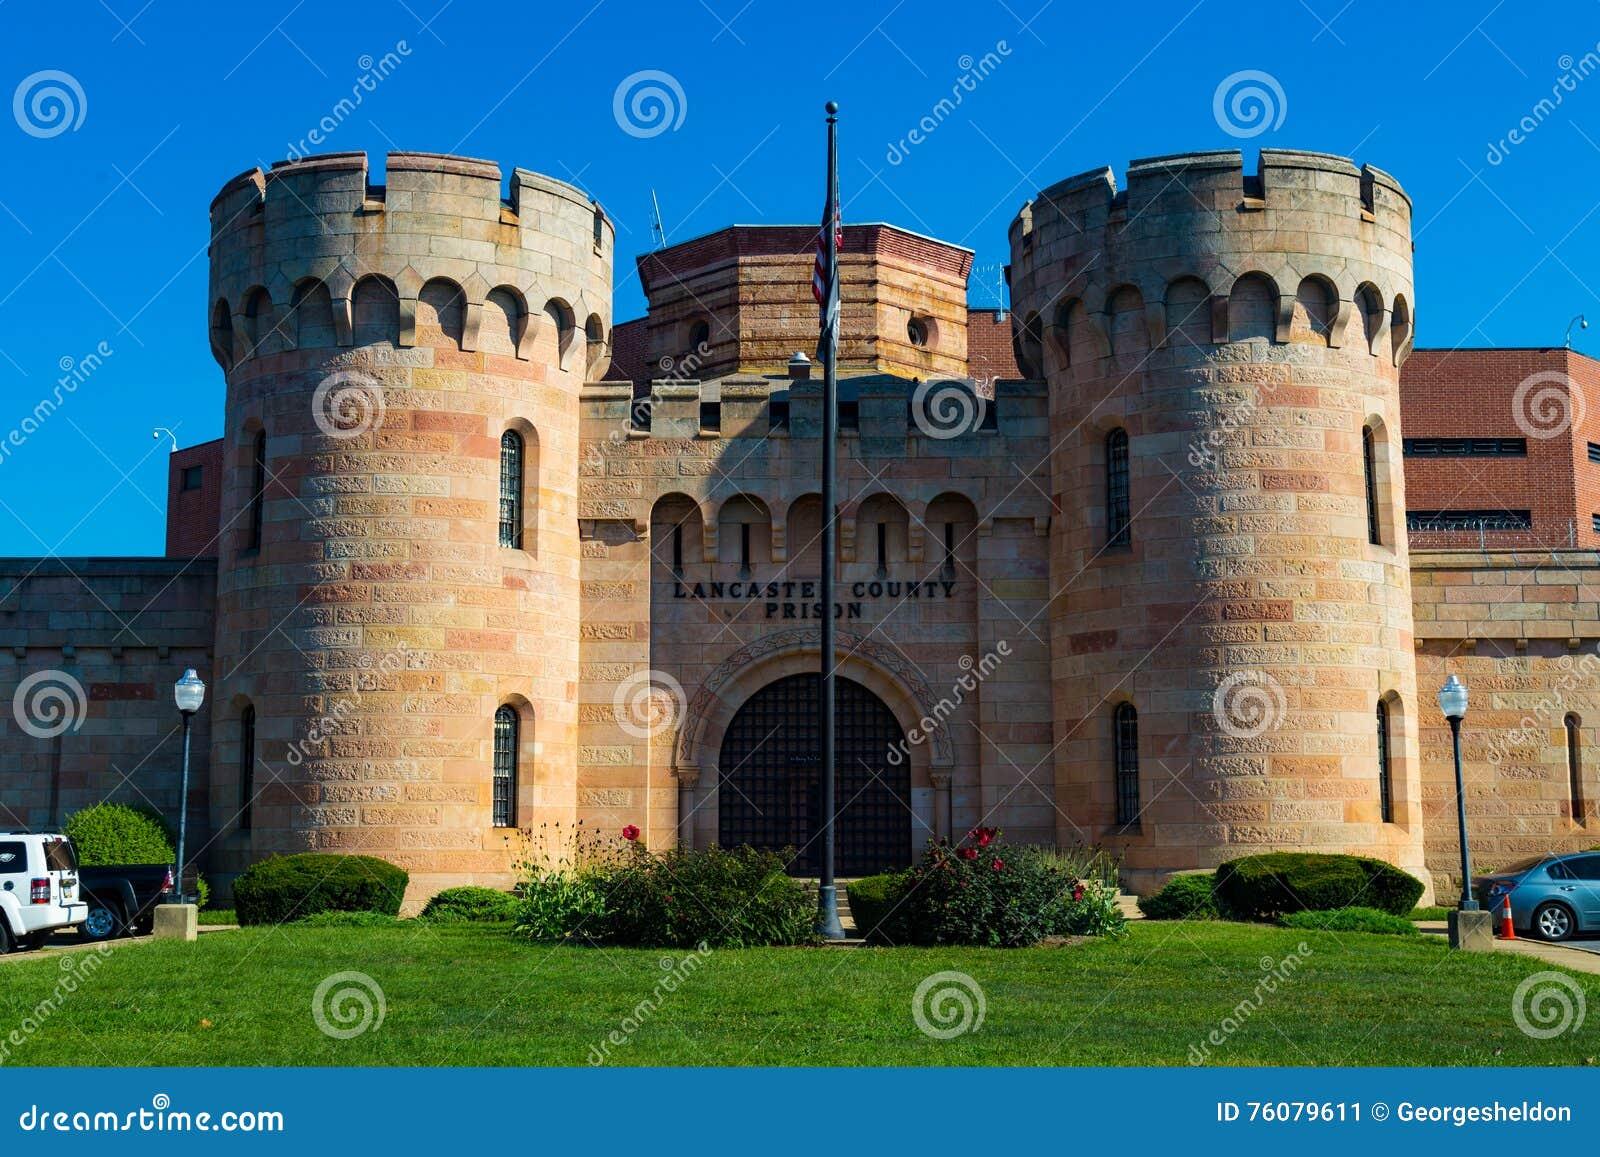 Prison du comté de Lancaster